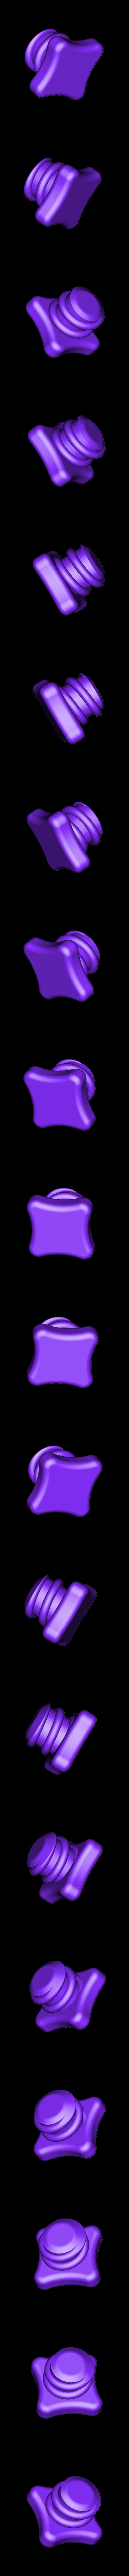 Cap.stl Télécharger fichier STL gratuit Travailler sur le coupe-soif anti-atomique • Plan pour imprimante 3D, nebby22